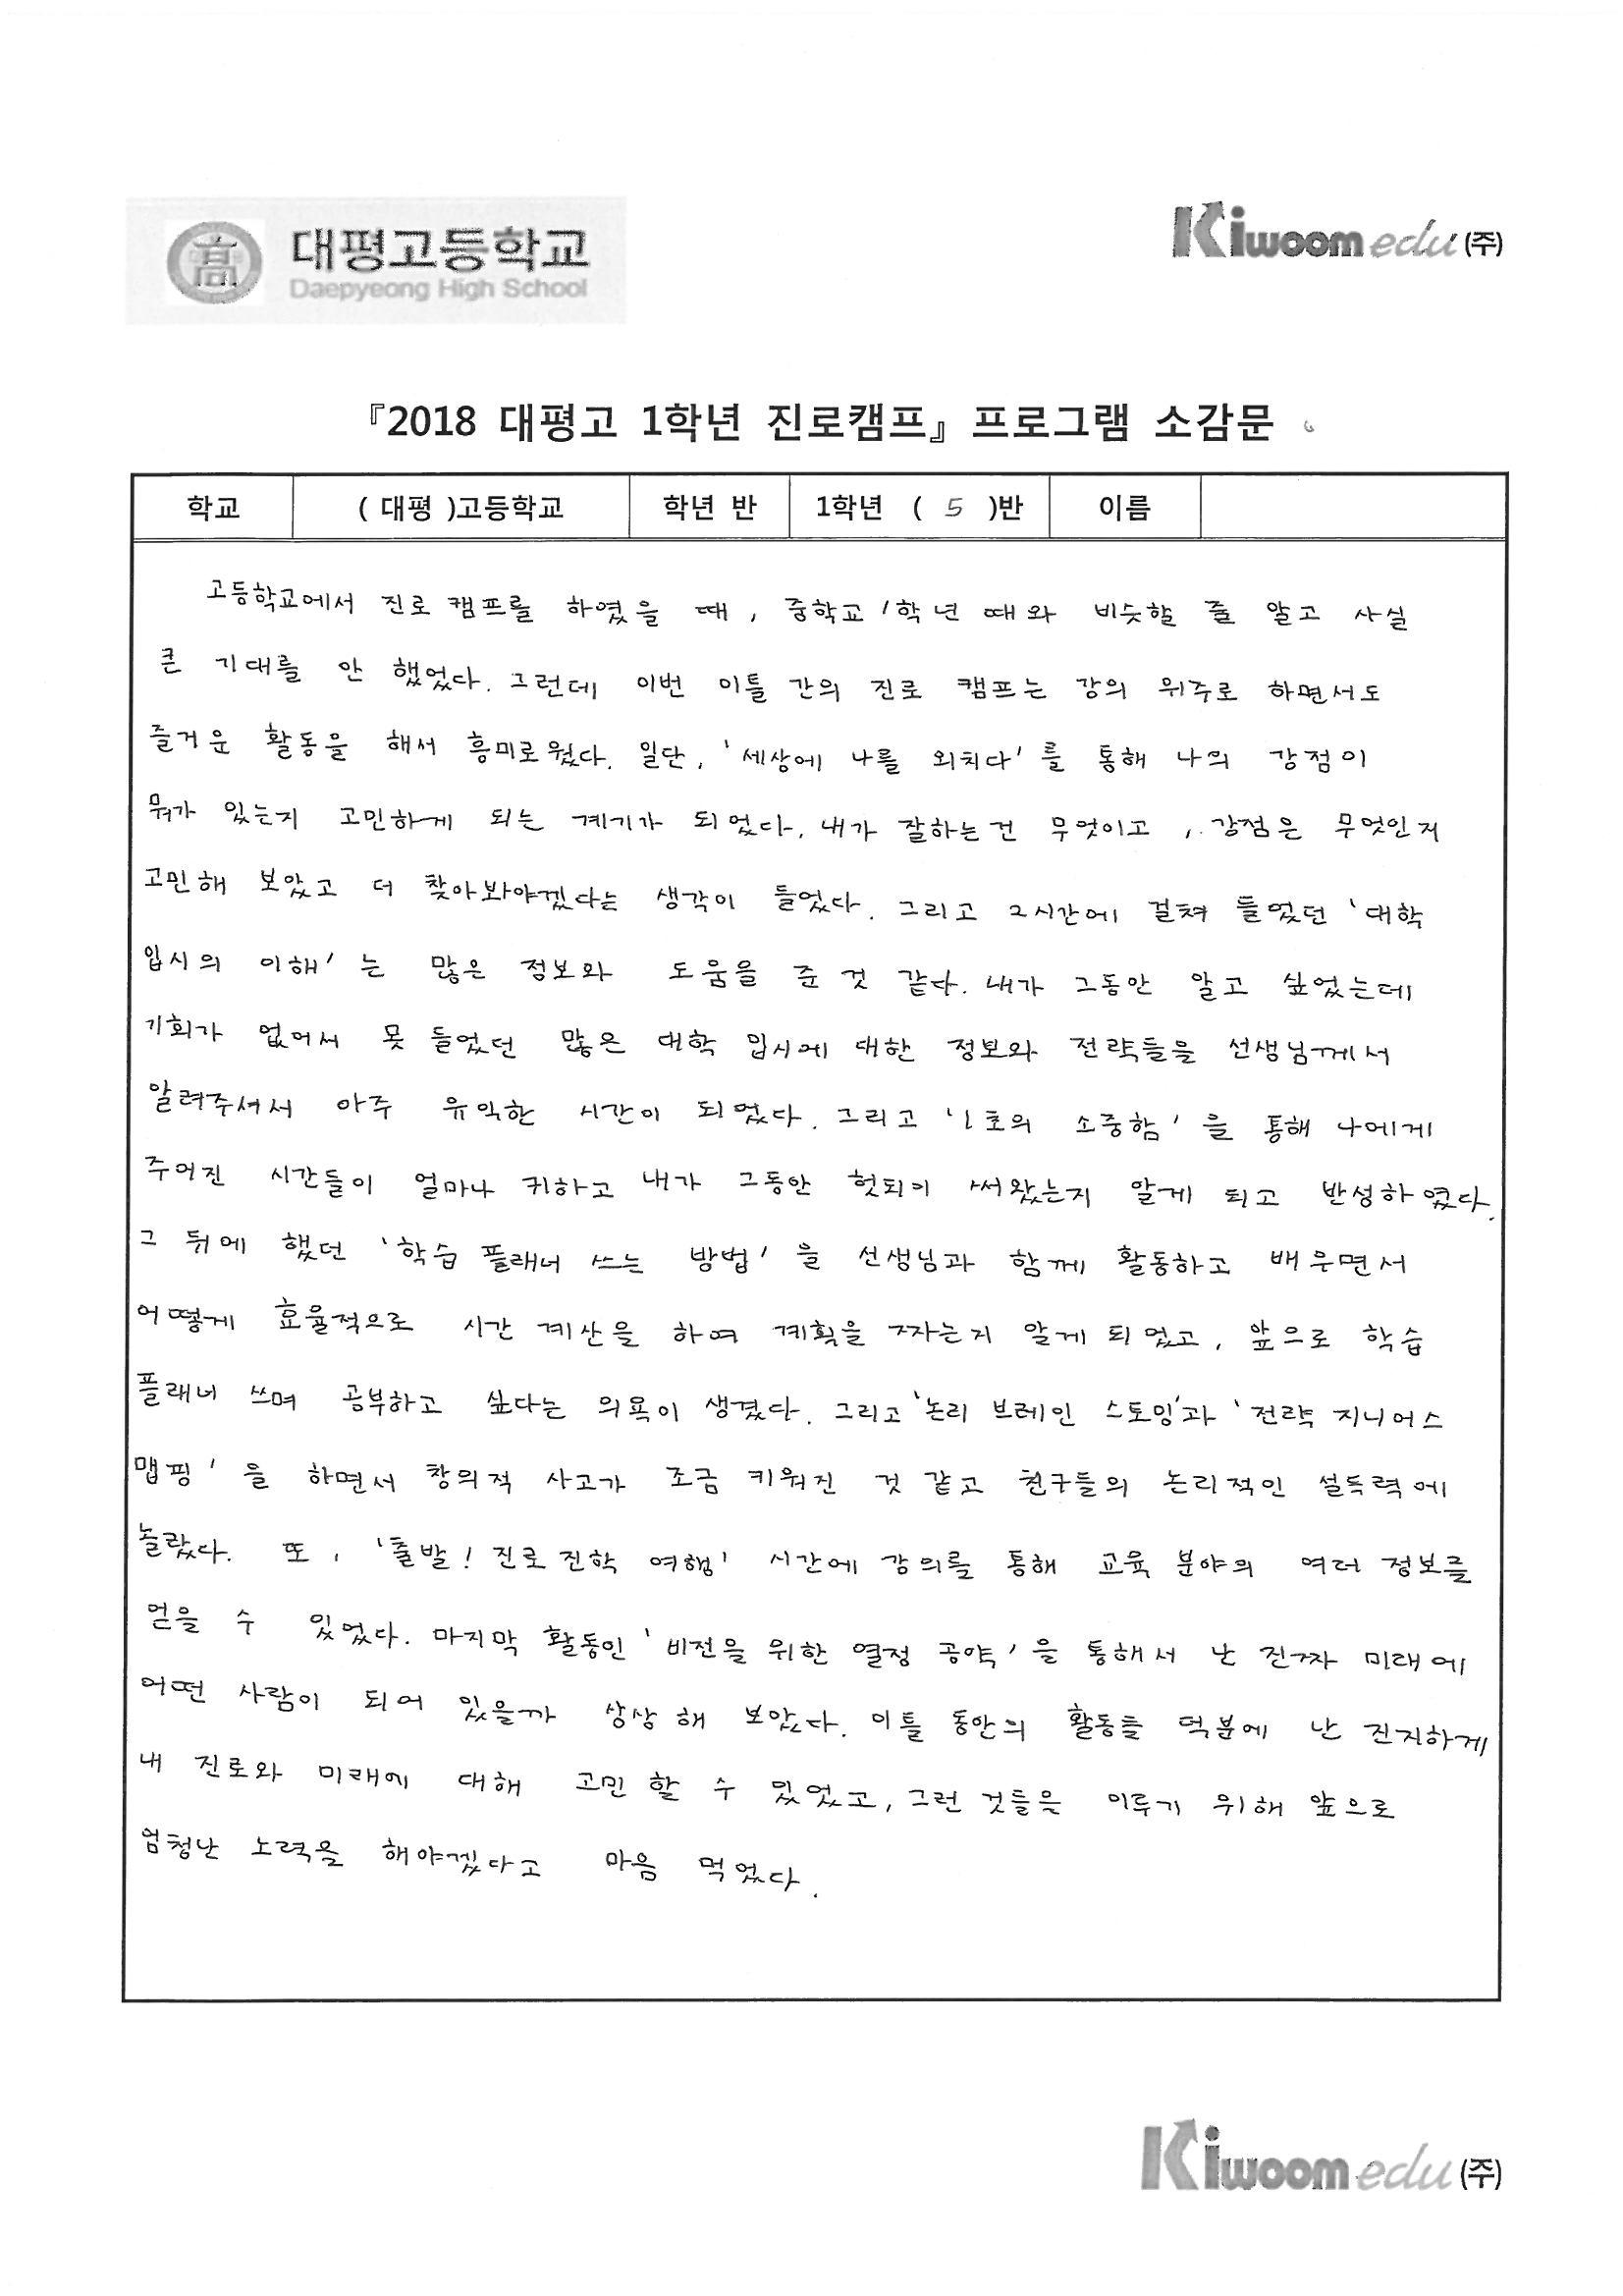 2018 대평고 우수 소감문_Page_14.jpg